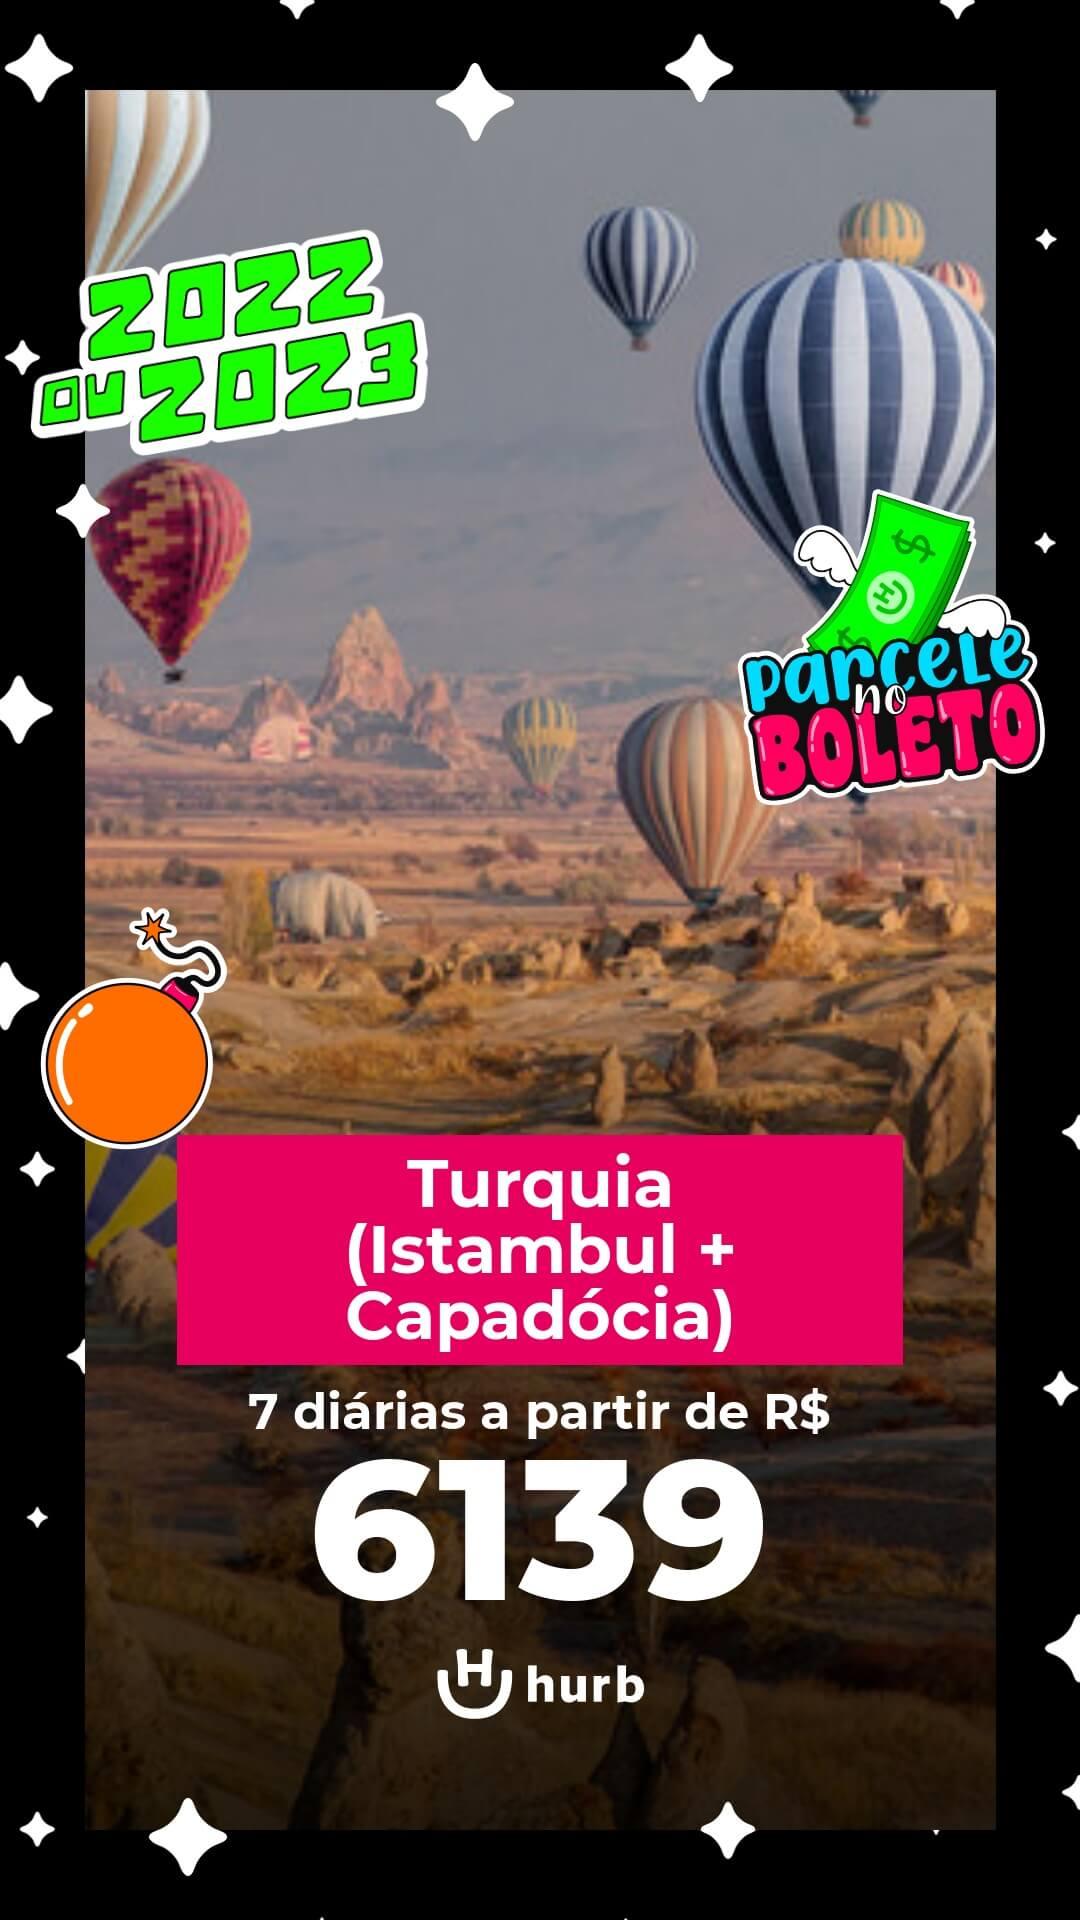 pacote turquia istambul capadocia 2022 e 2023